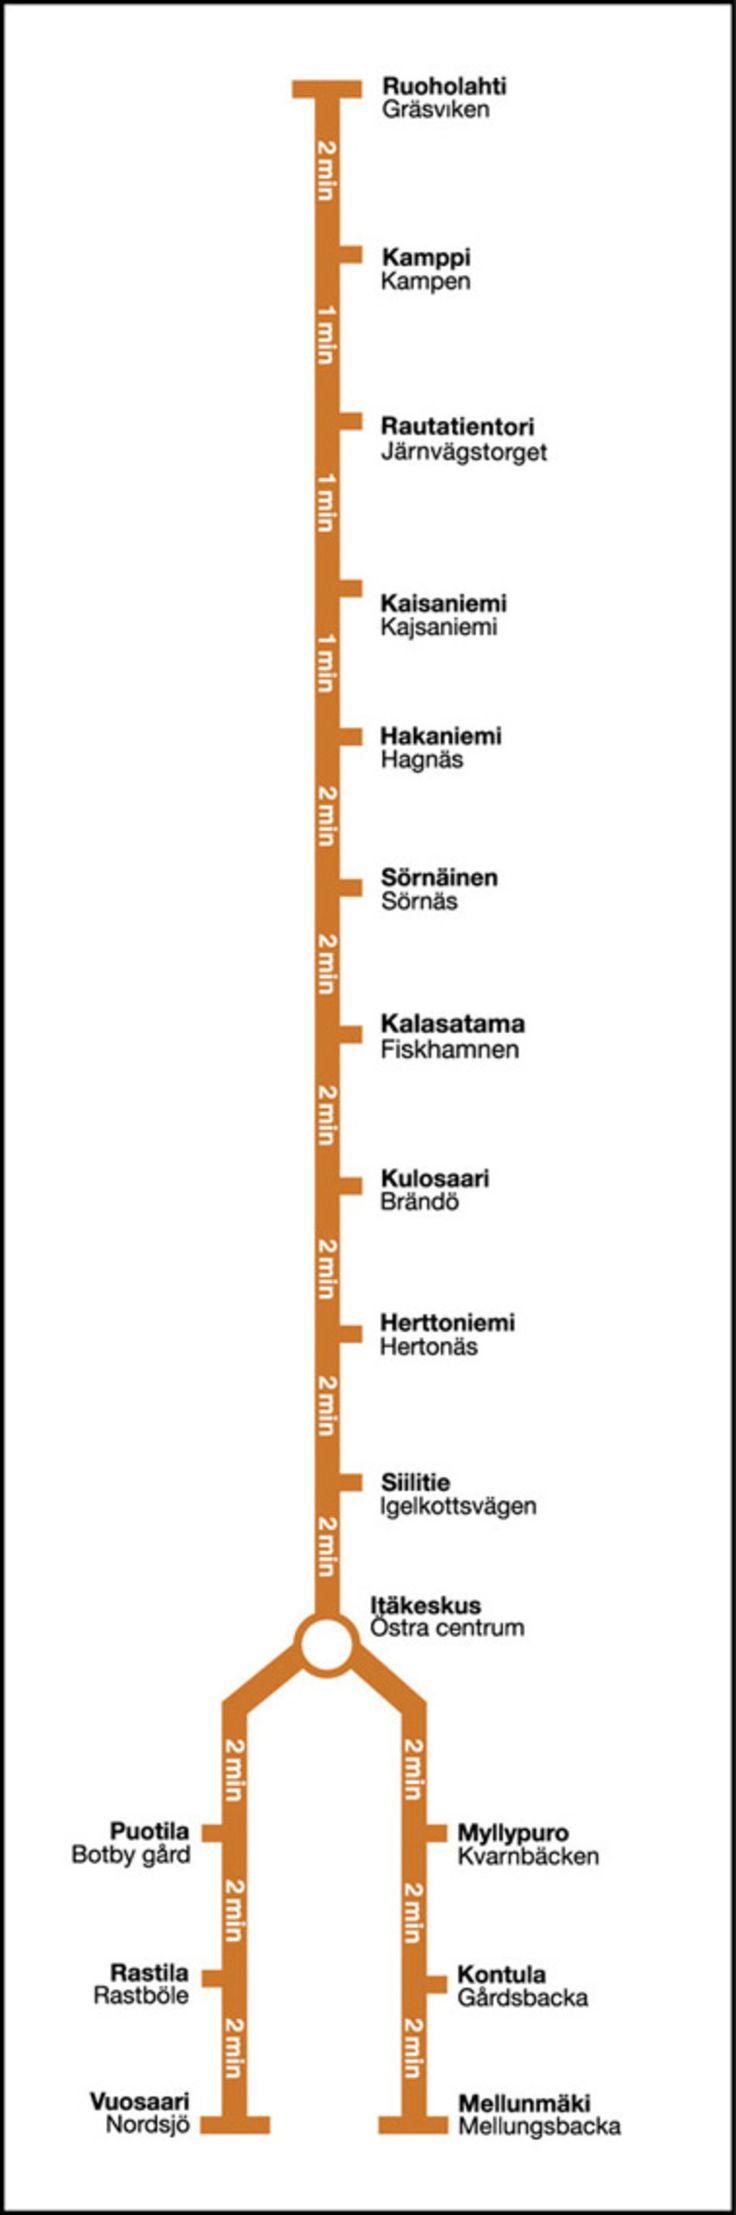 Die #U-Bahn von #Helsinki besteht aus einer U-Bahnlinie und 17 U-Bahnstationen, auf einer Strecke von 21km. Die Öffnungszeiten sind 5.00 Uhr bis 23.00 Uhr. Einzelfahrkarten gibt es ab 2.90 €. Fahrräder und Tiere sind zur Mitnahme gestattet,  und man kann mit der U-Bahn vom Flughafen direkt ins Stadtzentrum fahren.